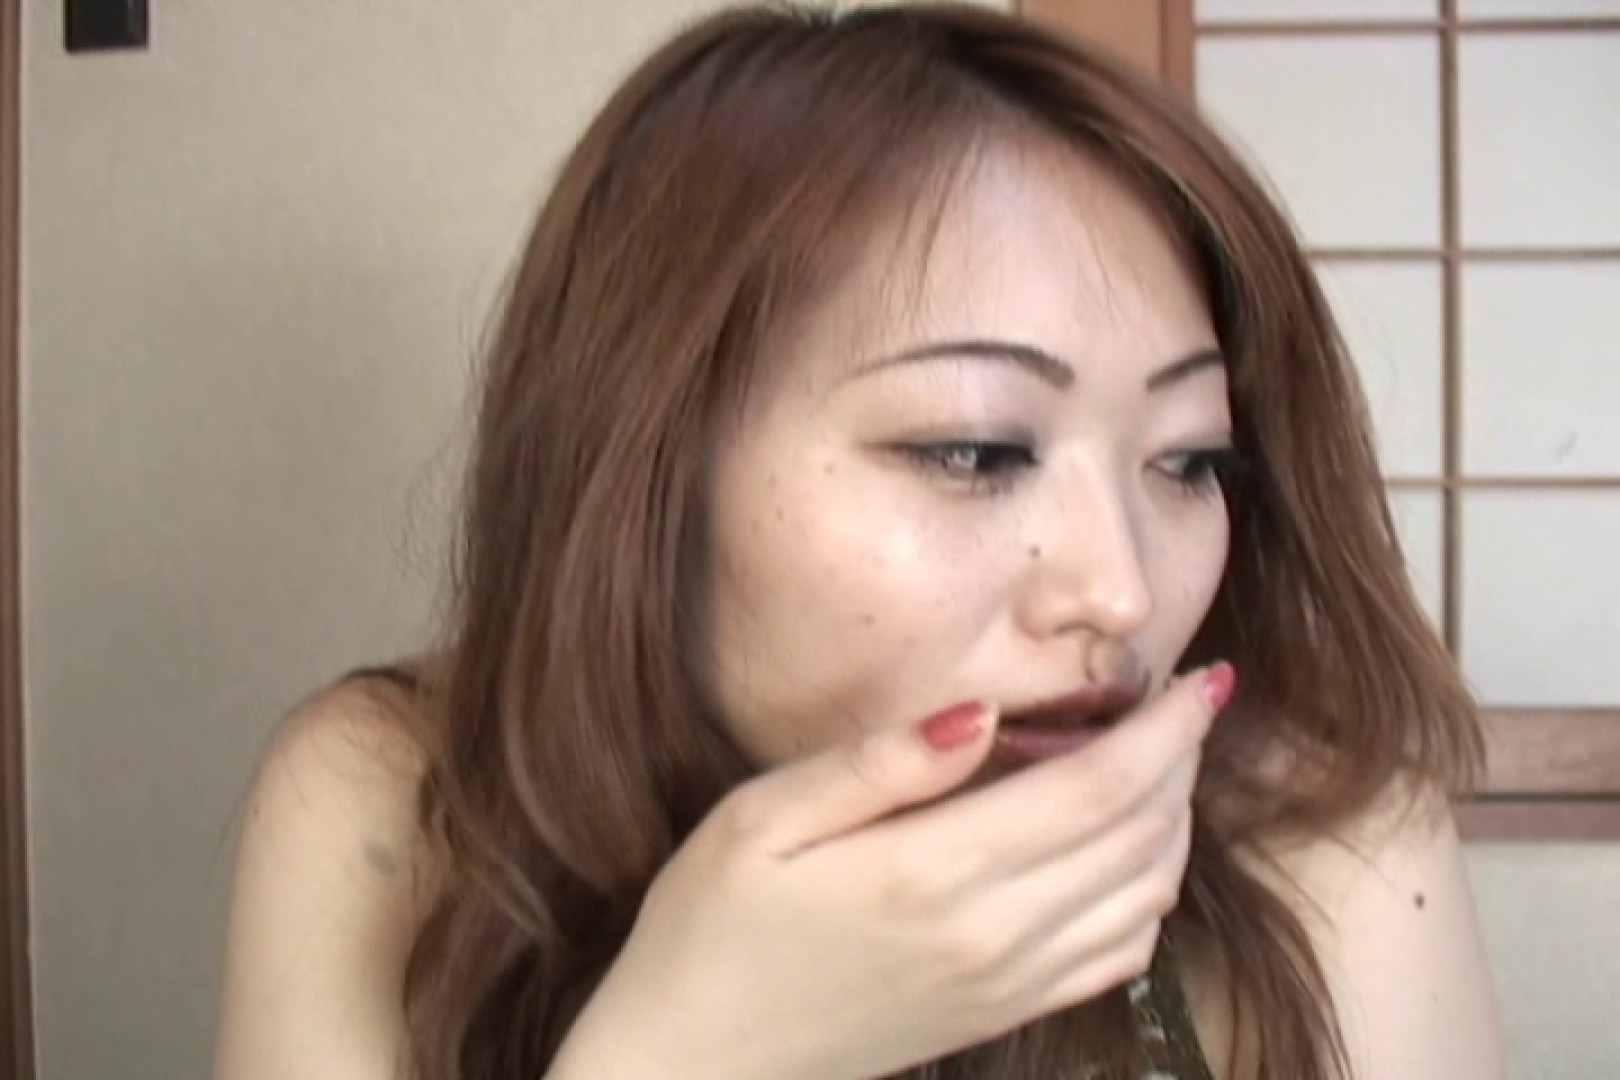 仕事で月200本のチンポを相手する22歳若人妻~桜井あい~ エッチな熟女 | エッチな人妻  75pic 25